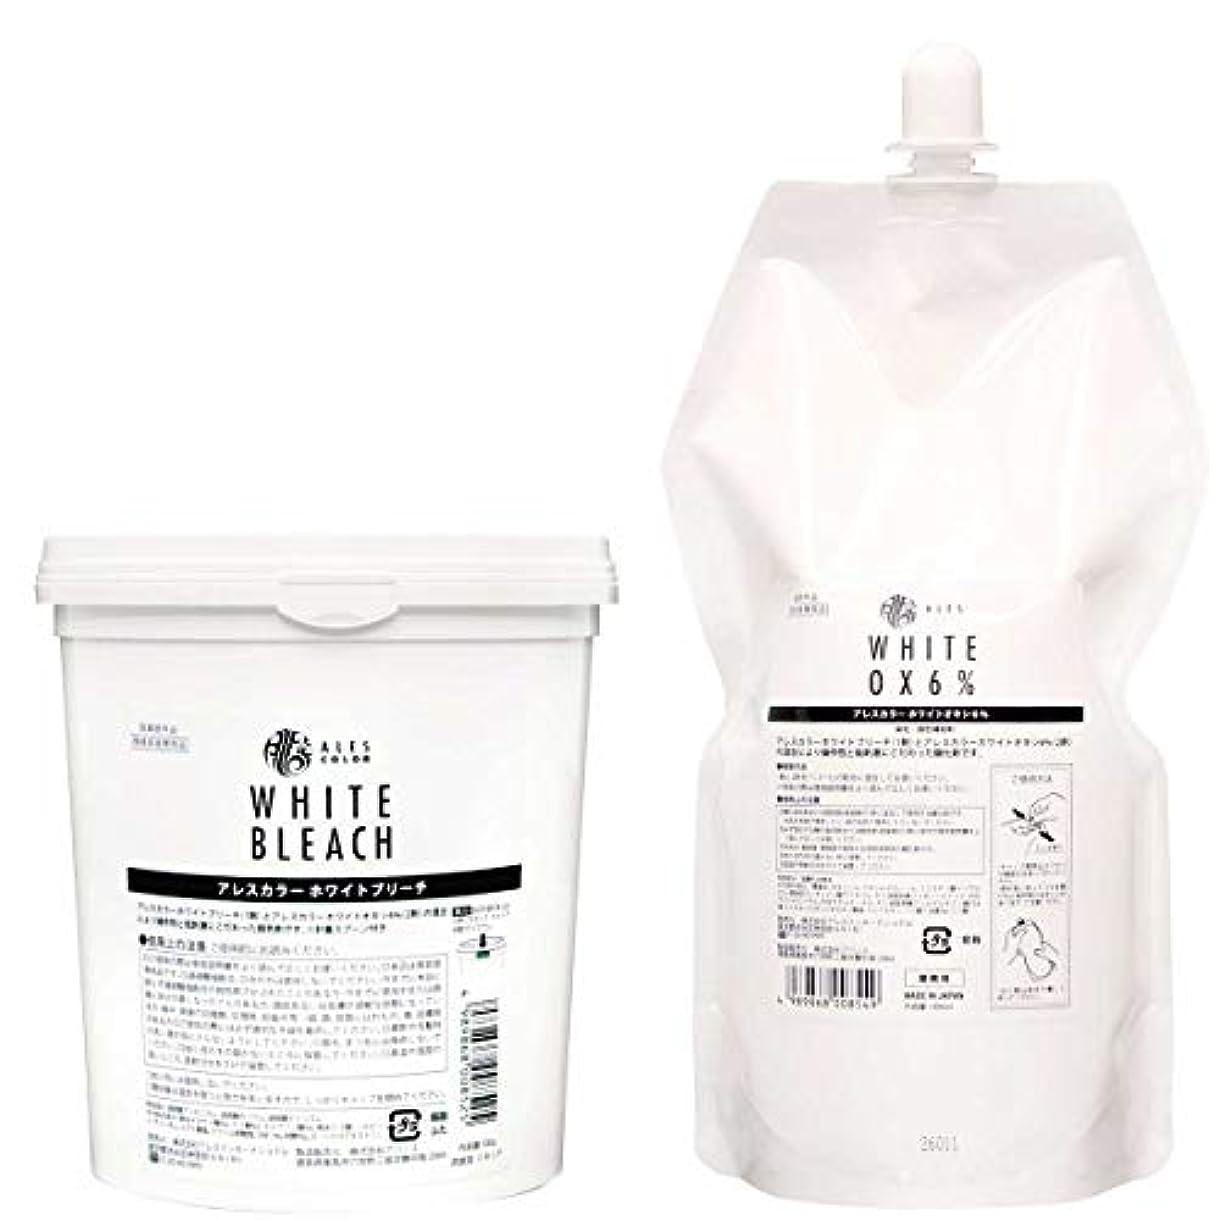 ほんの地下灌漑【セット】アレスカラー ホワイトブリーチ 500g & ホワイトオキシ6% 1000mL